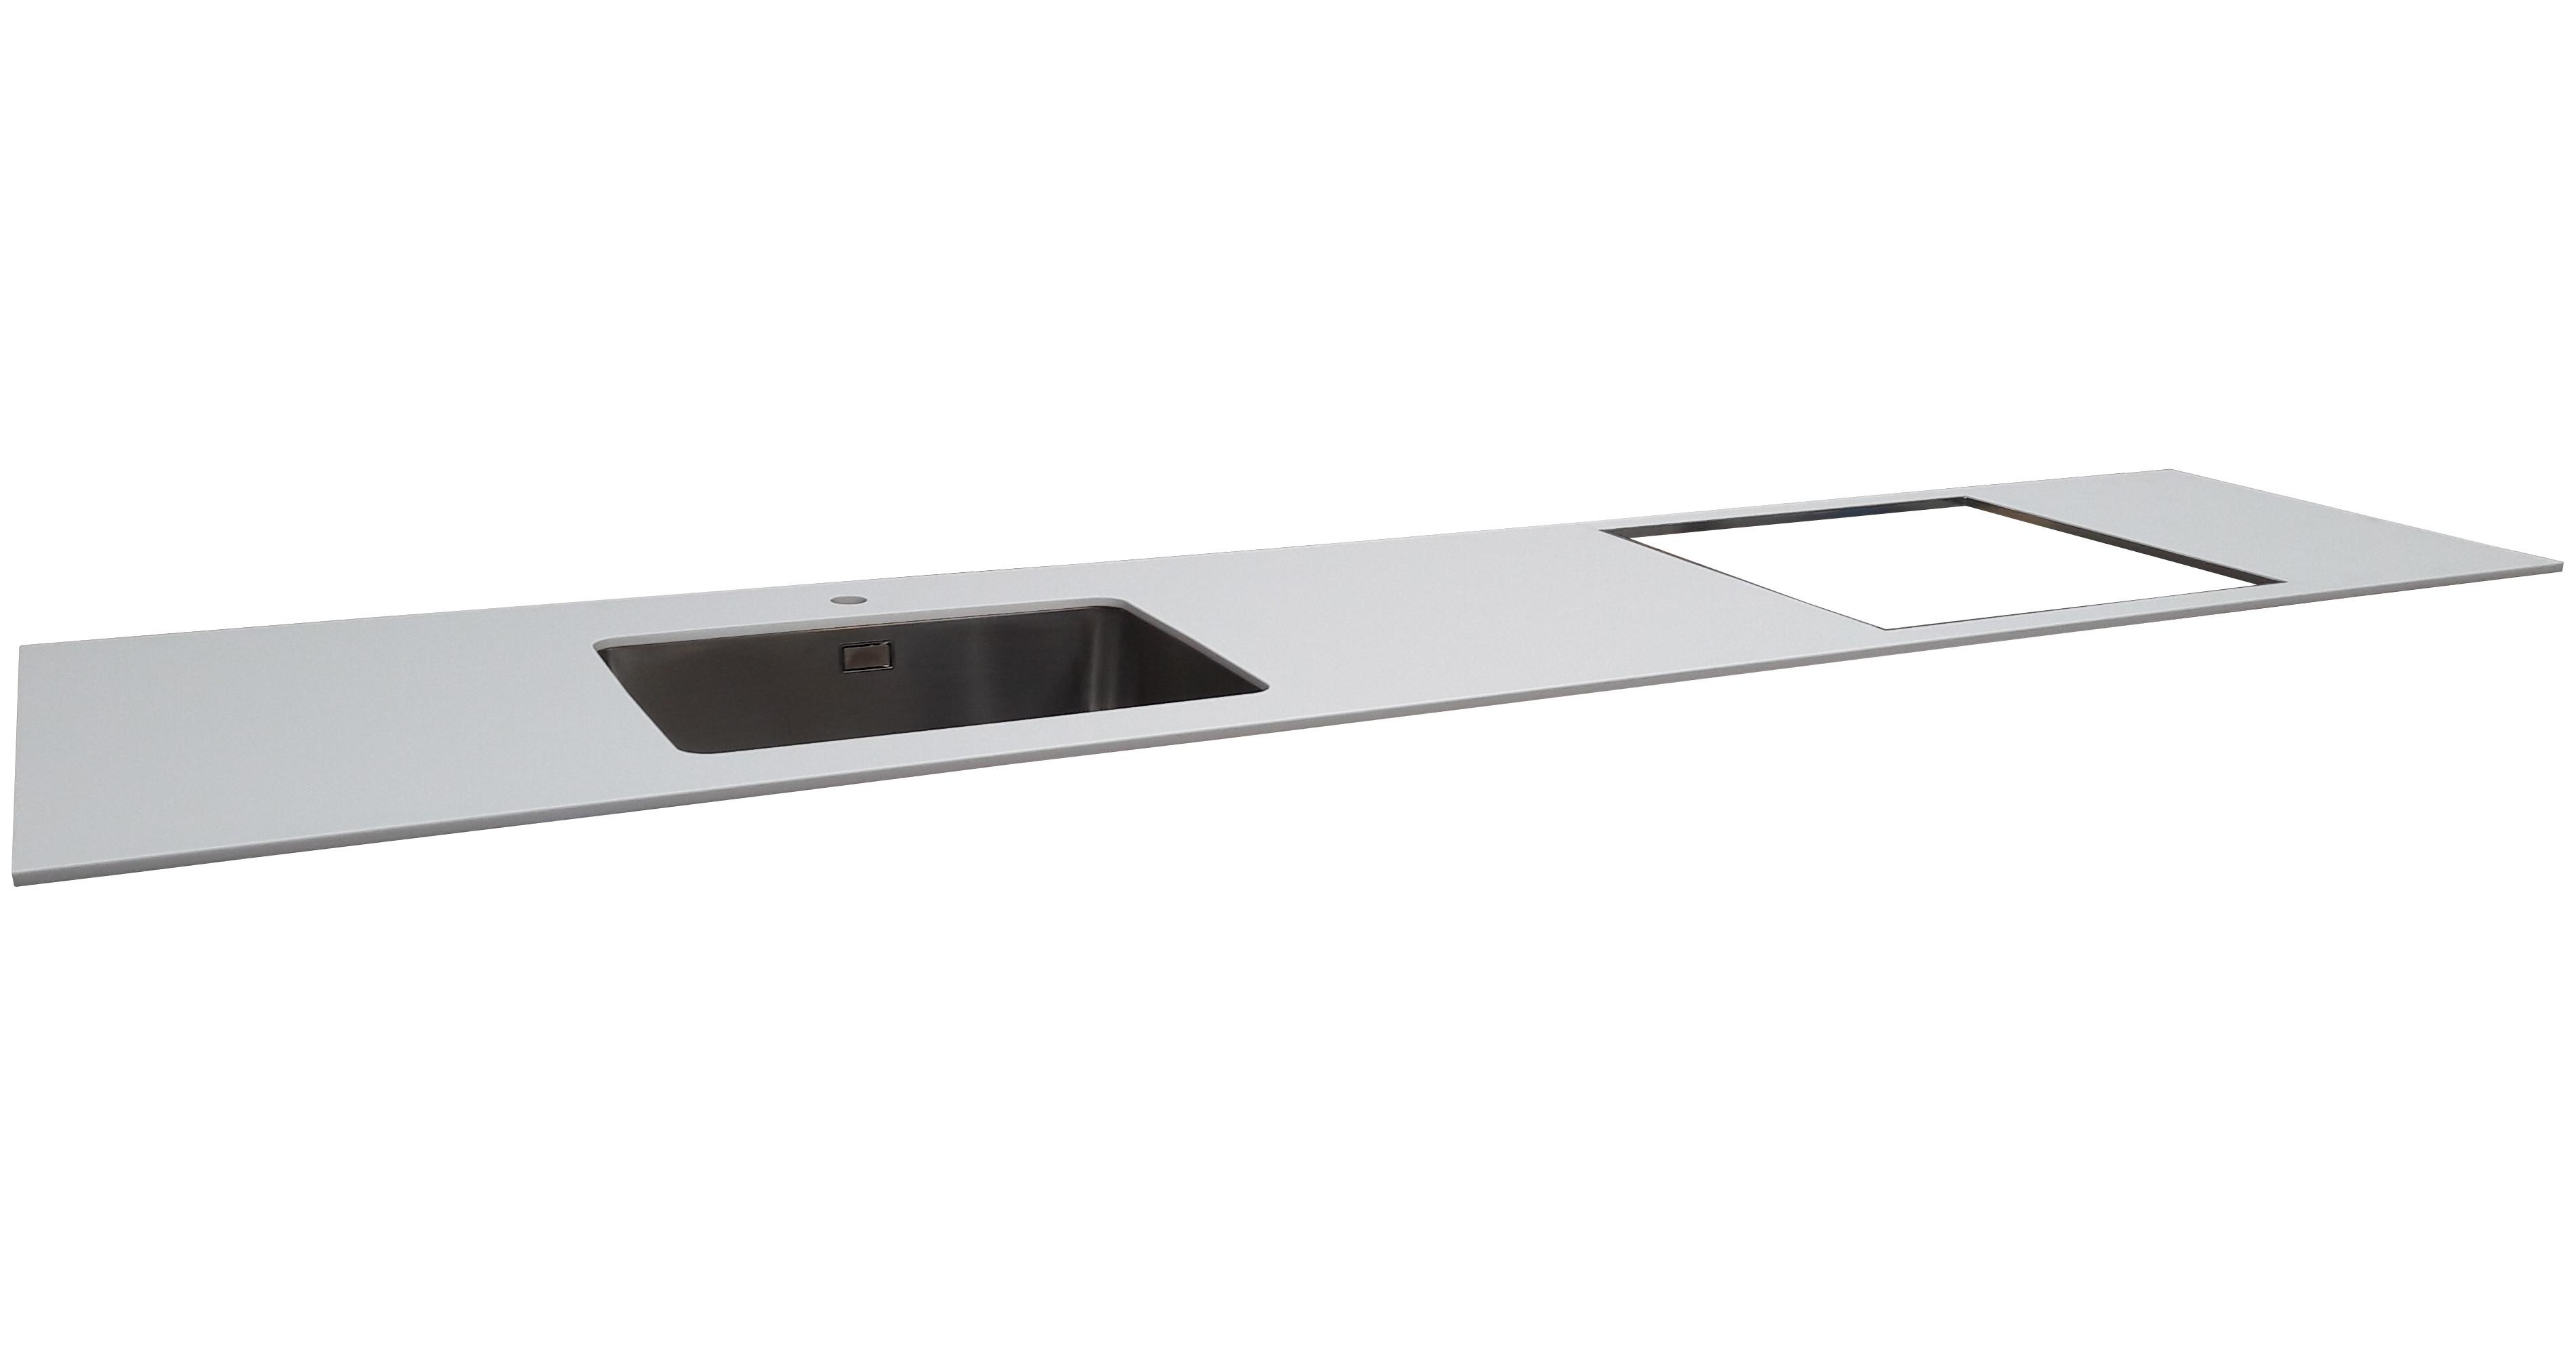 12 mm Corian bordplade i farven Glacier White med underlimet vask Intra Frame 520, hul for armatur samt udskæring for kogeplade. Bordpladen er del af et stort byggeprojekt af lejligheder i København.